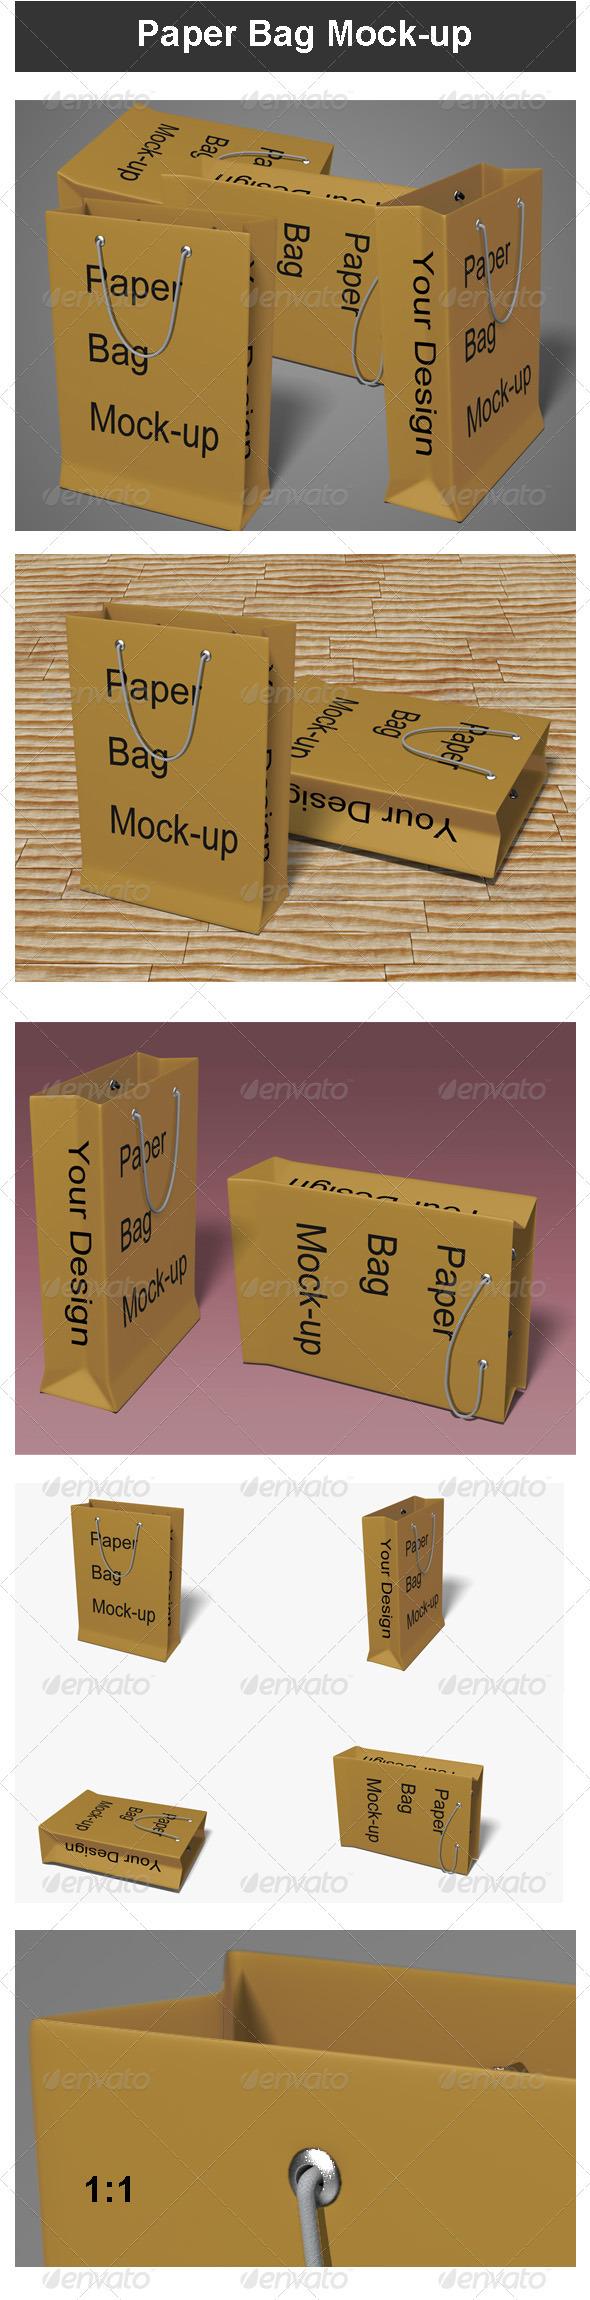 GraphicRiver Paper Bag Mock-up 3452430